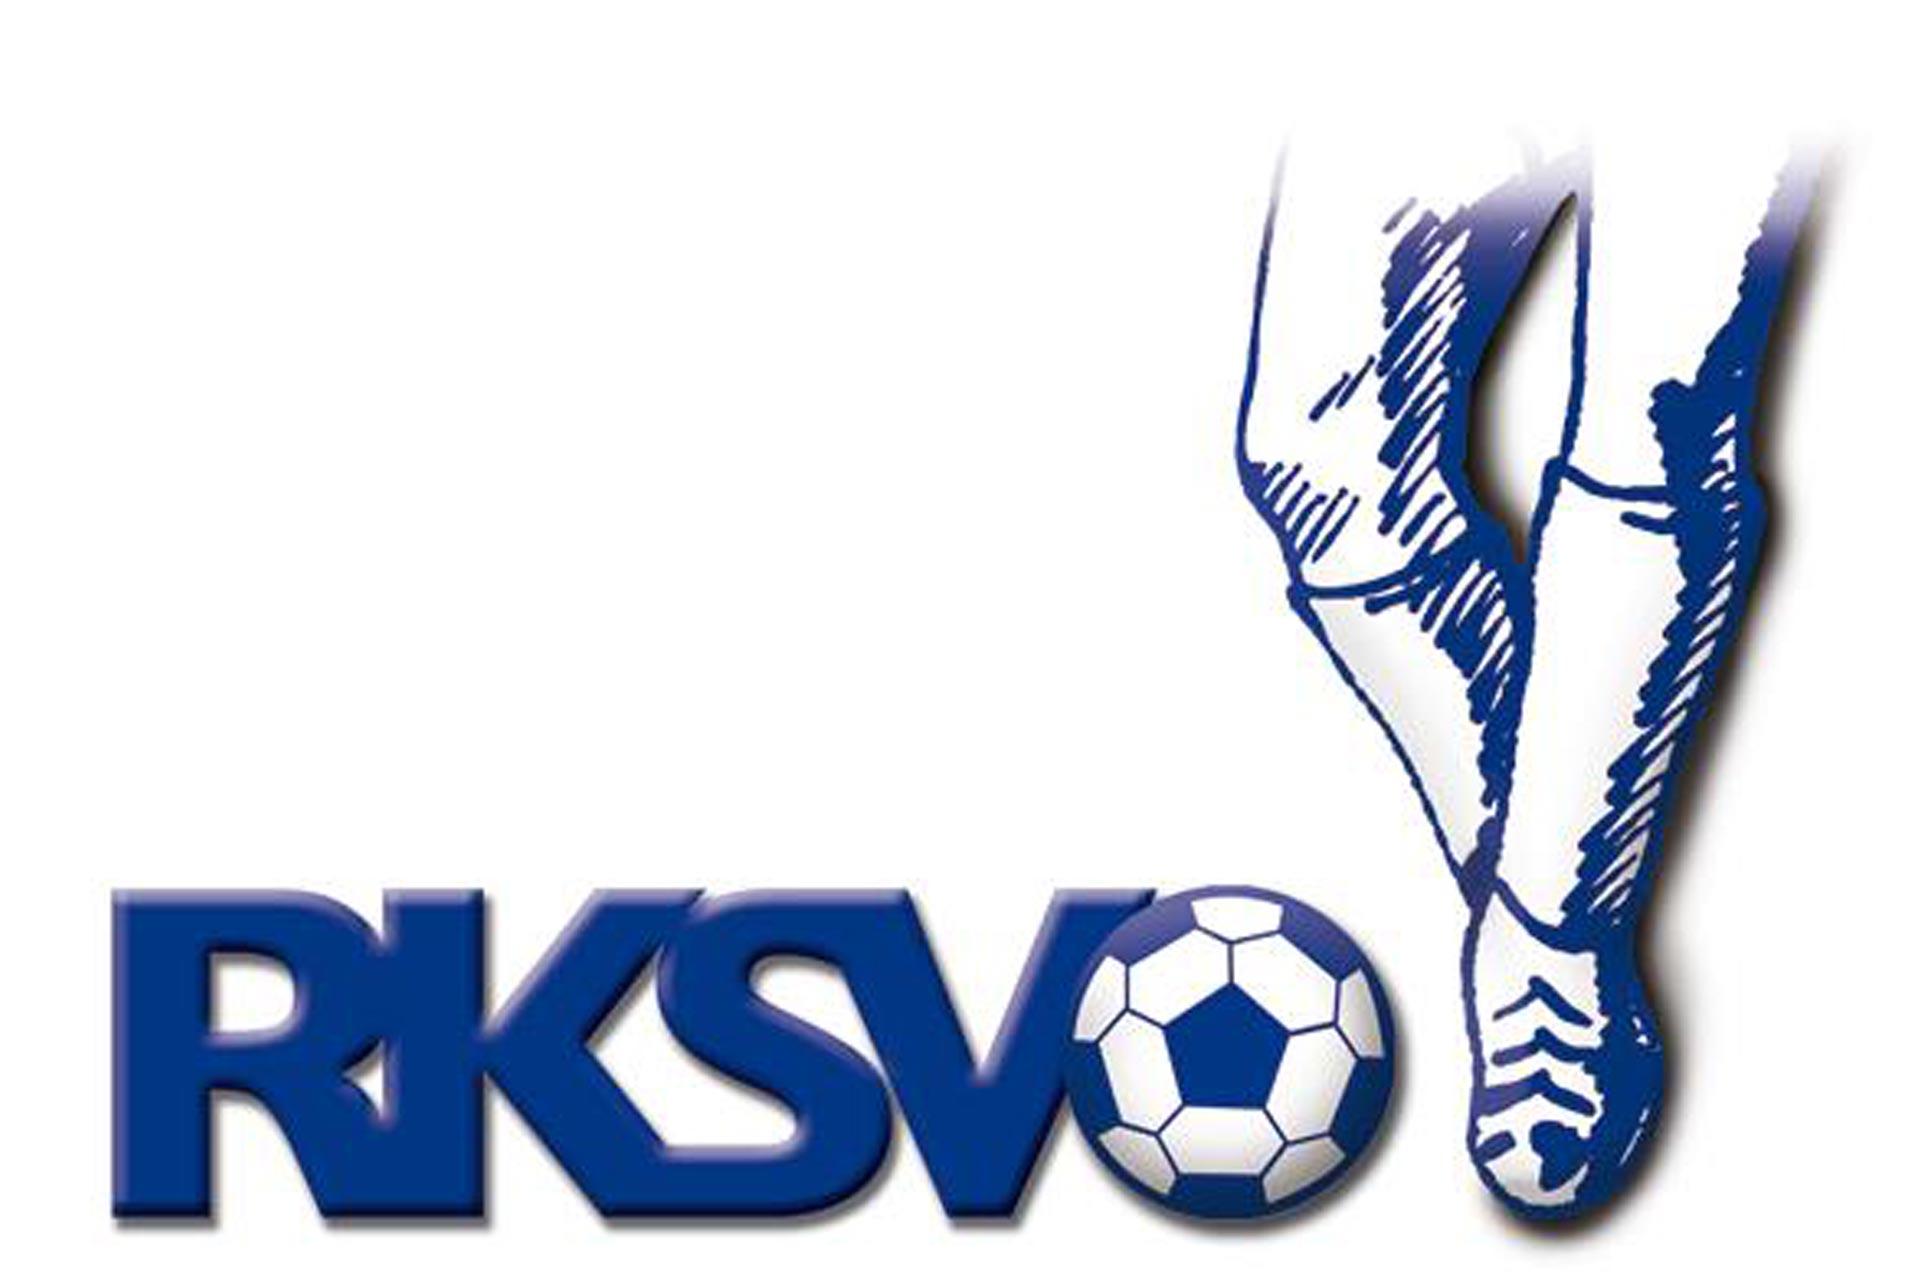 RKSVO-1